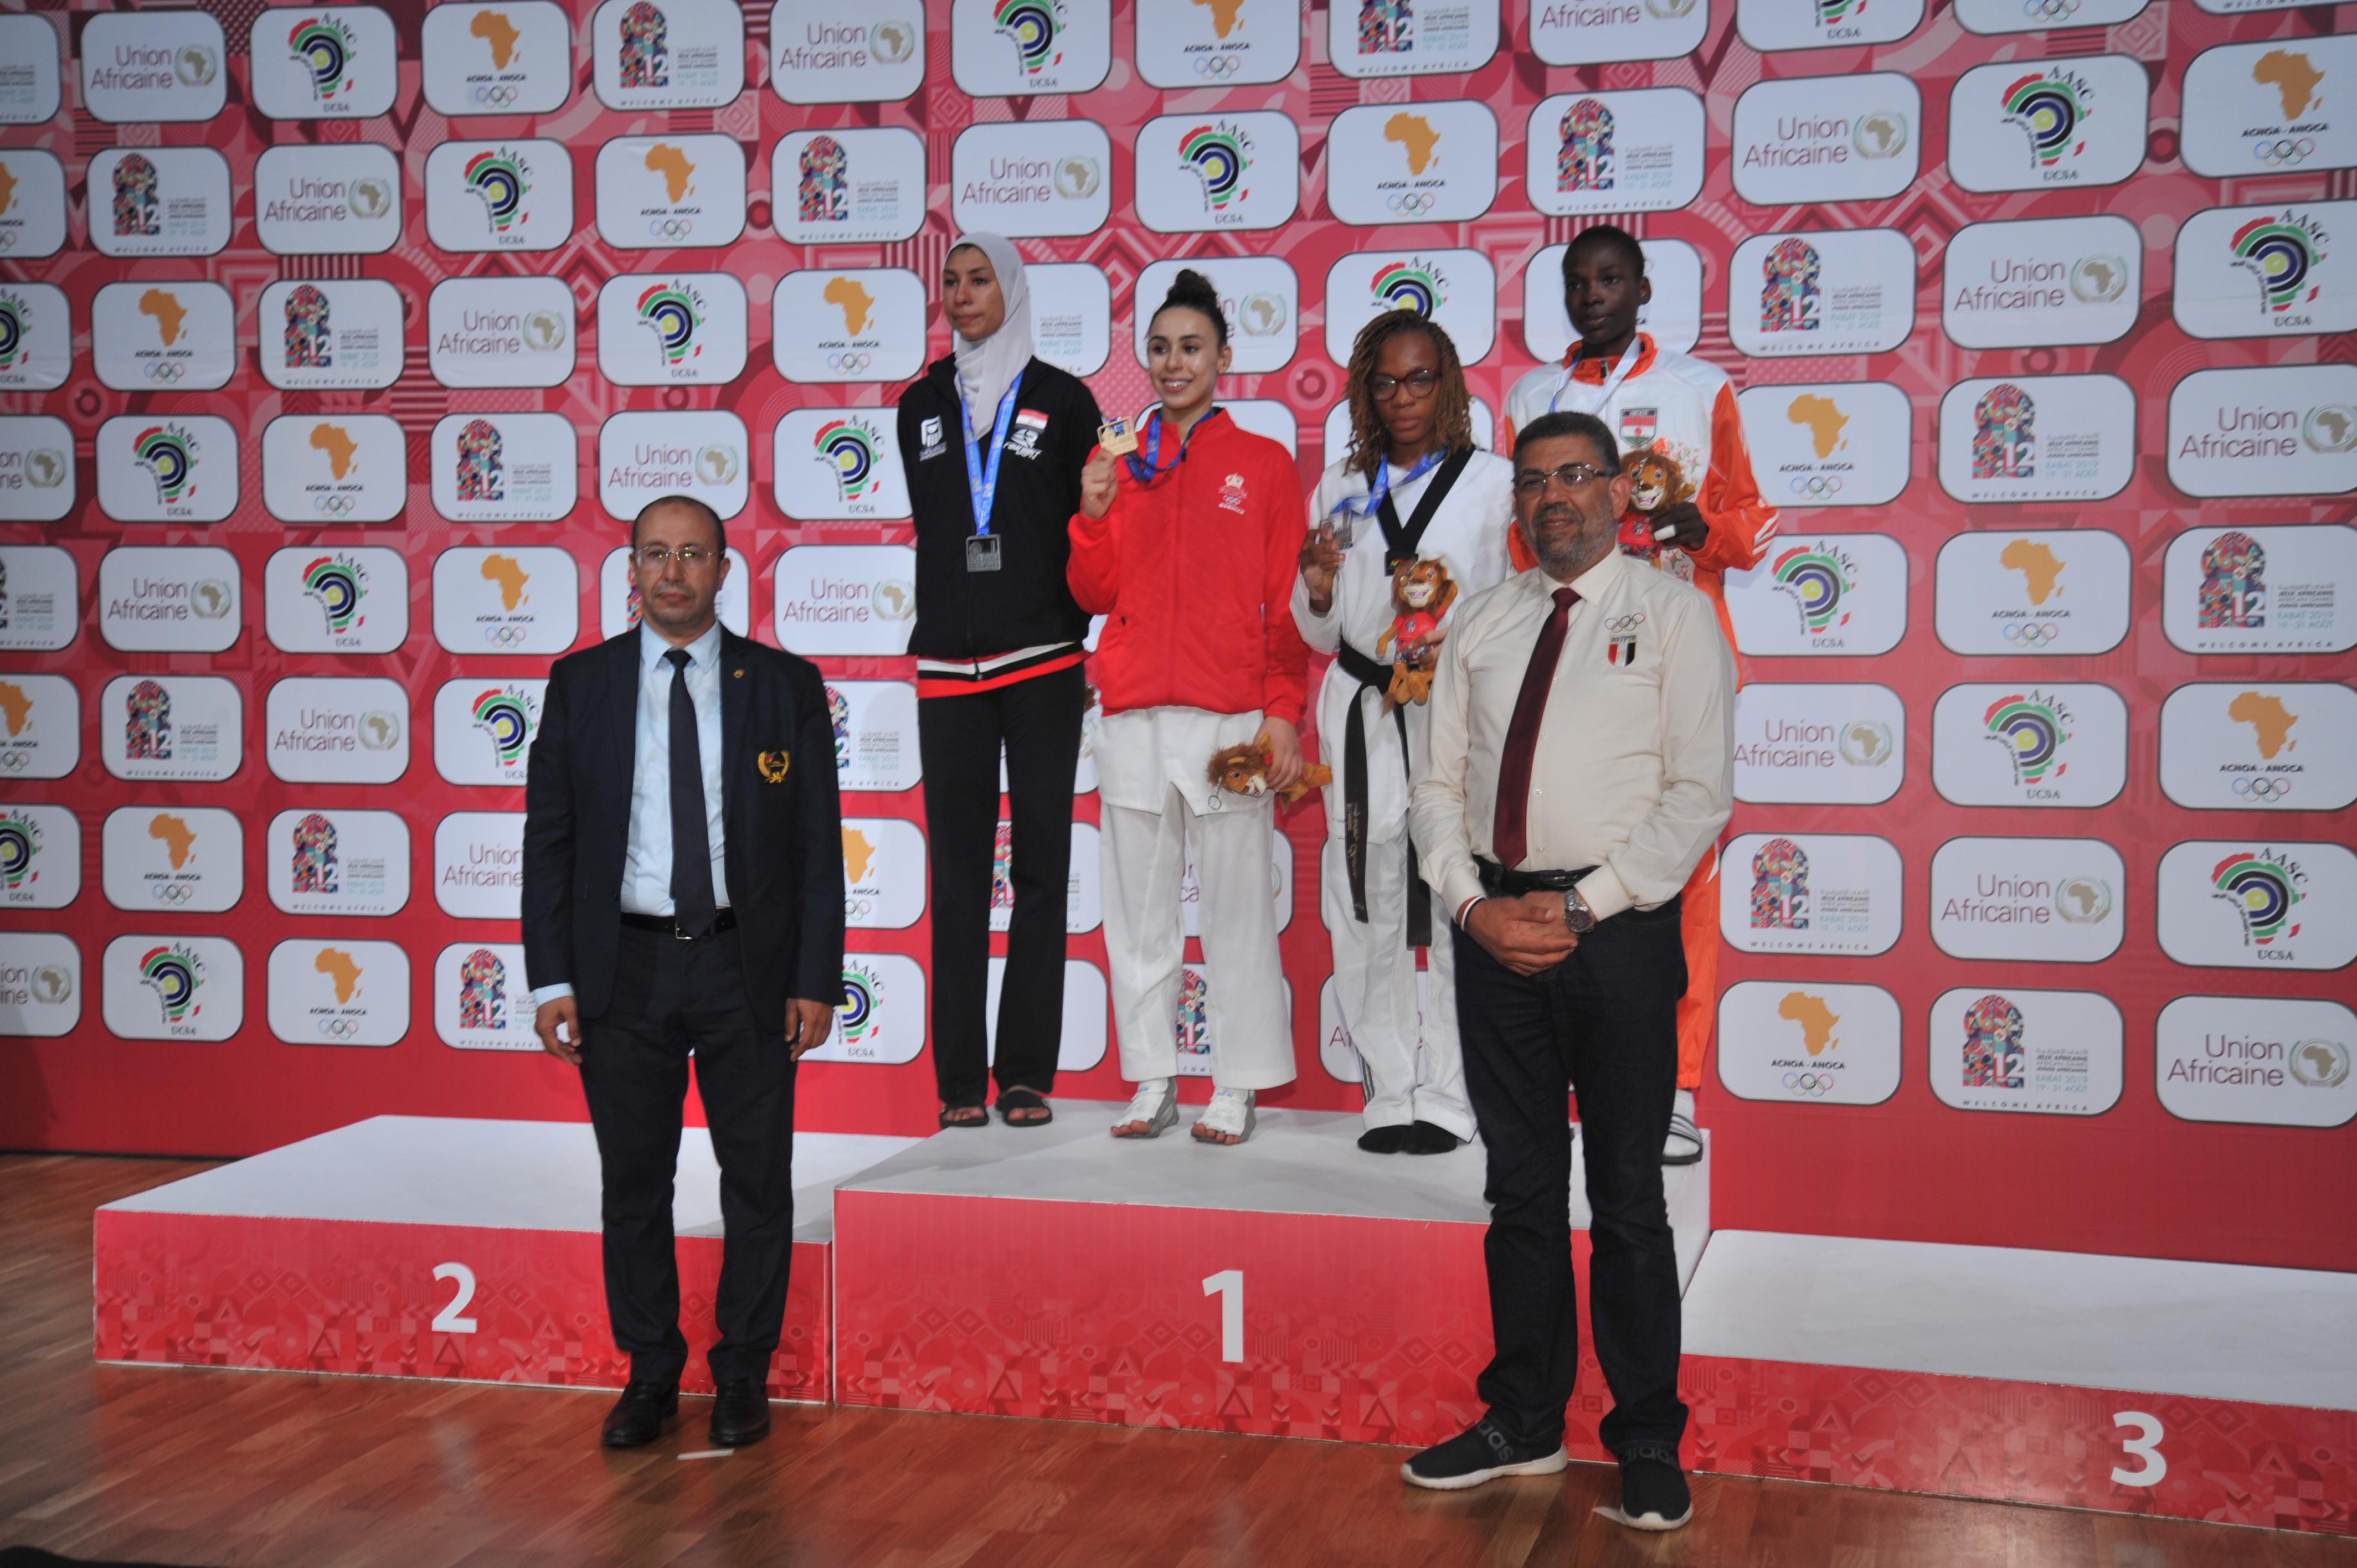 ندى لعرج تمنح المغرب الميدالية الذهبية الخامسة في التايكواندو